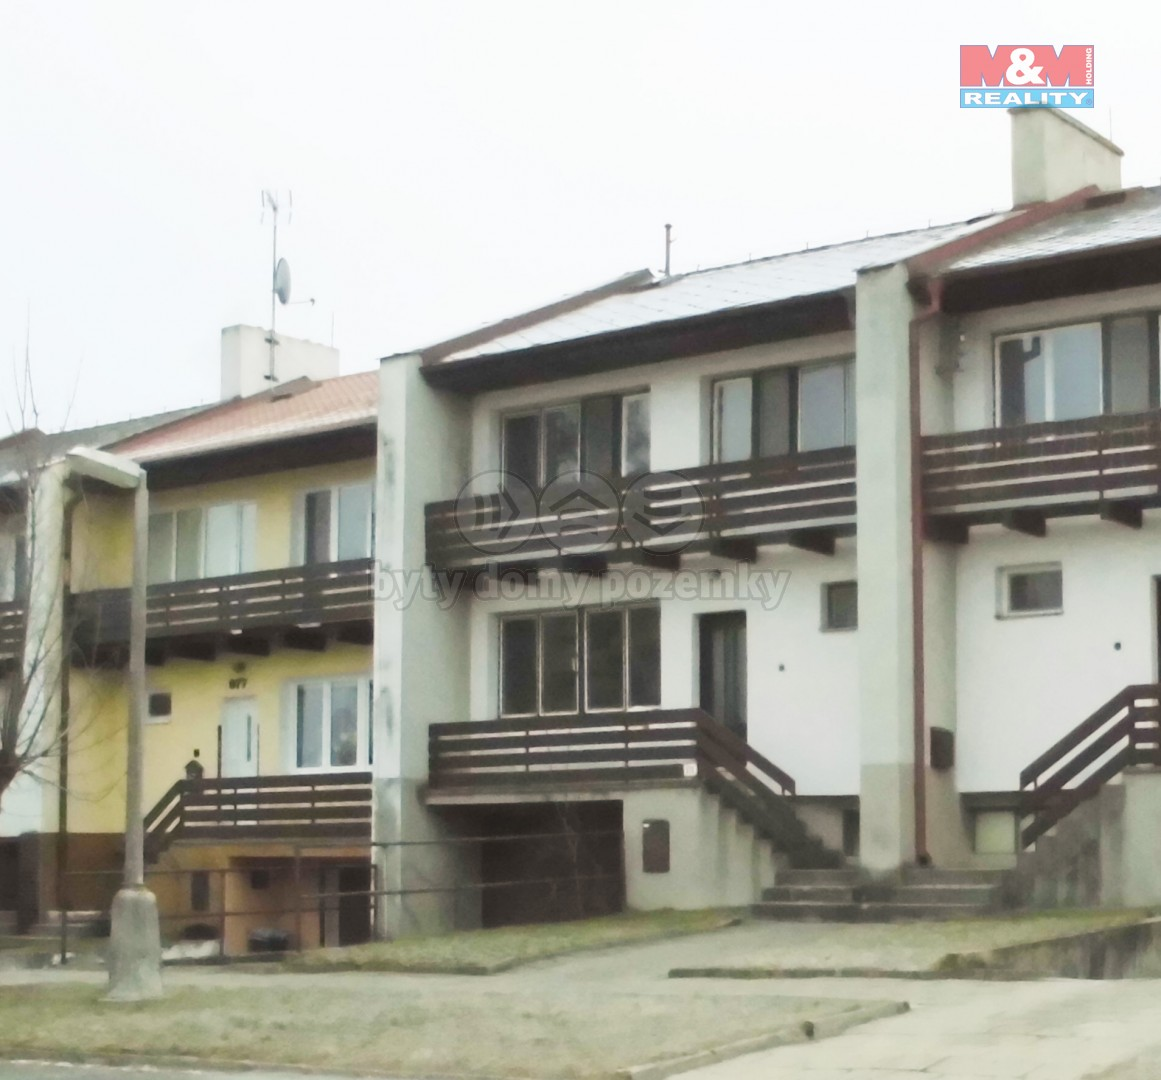 Prodej RD 5+1, Jaroměřice nad Rokytnou